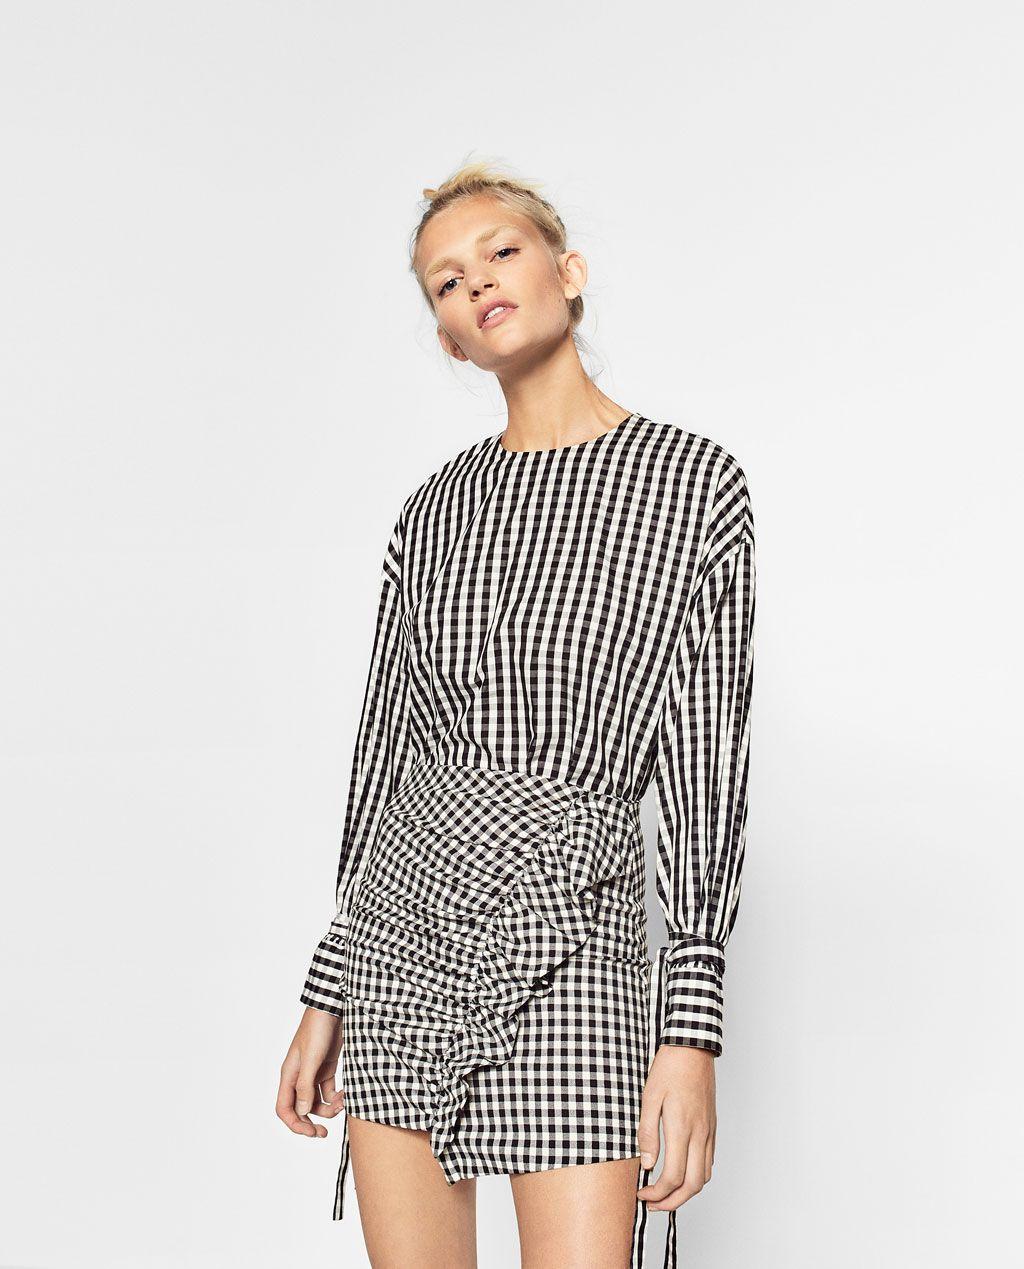 Falda Mini Cuadro Vichy Ver Todo Faldas Mujer Zara Colombia